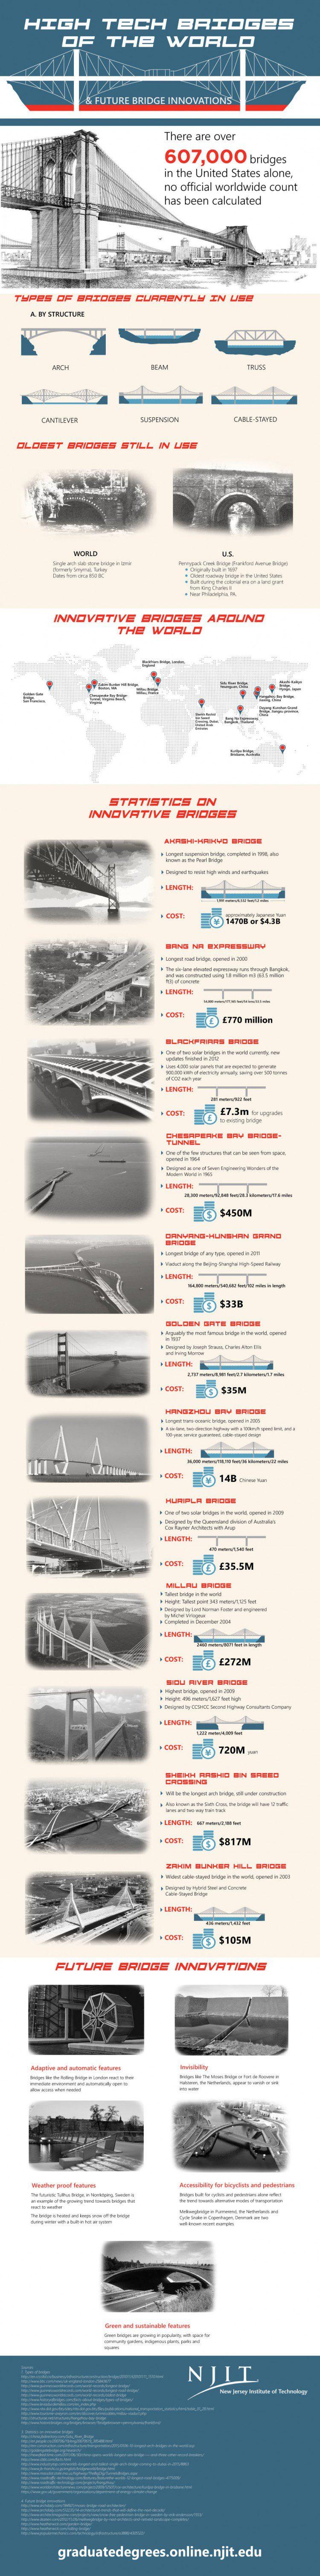 HighTech-Bridges-of-the-Future_FINAL-08042015